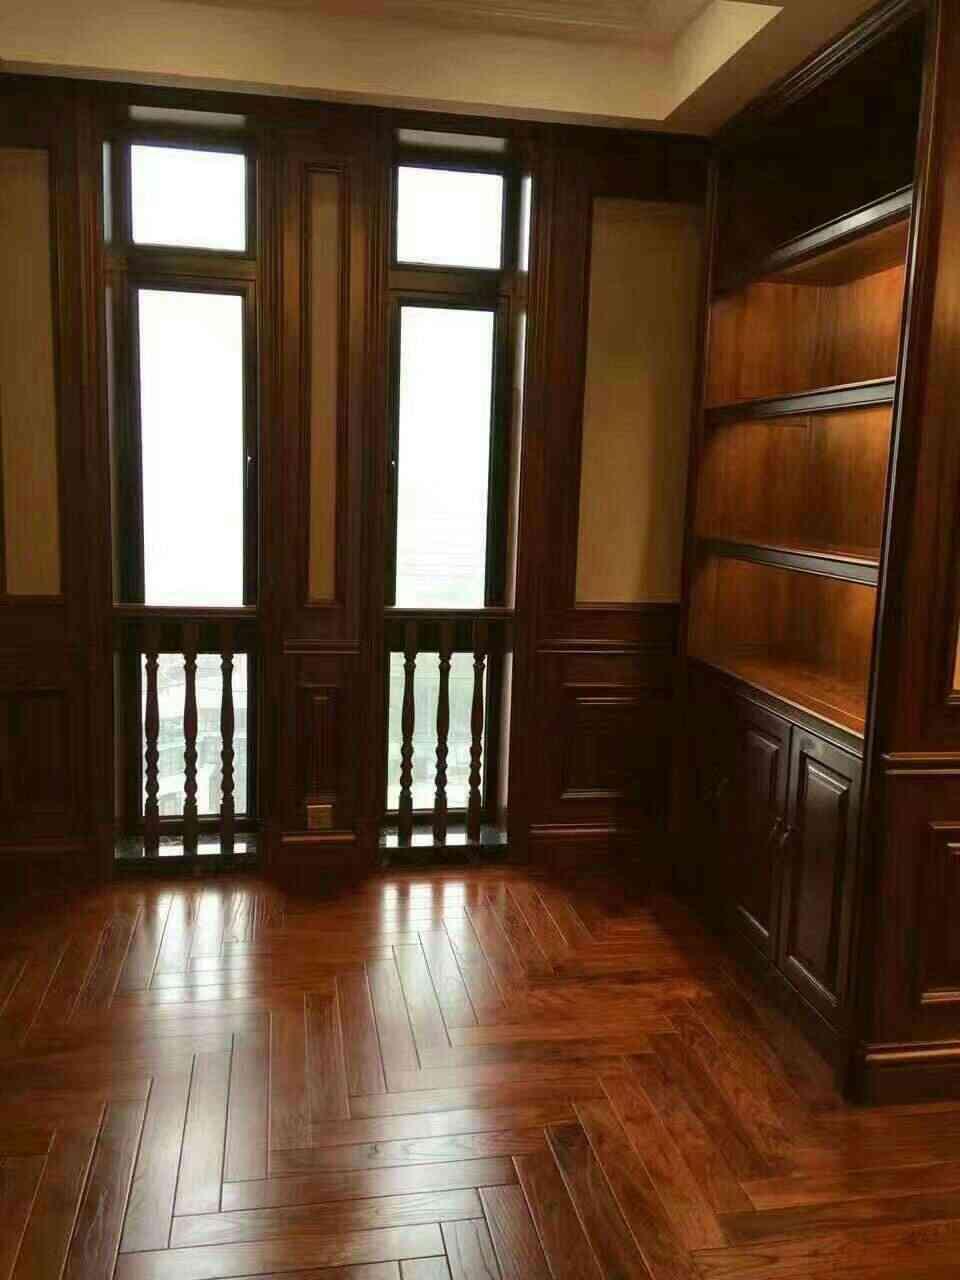 装饰效果超赞~复古棕色原木家具和人字拼花地板很搭,为了配套,许多